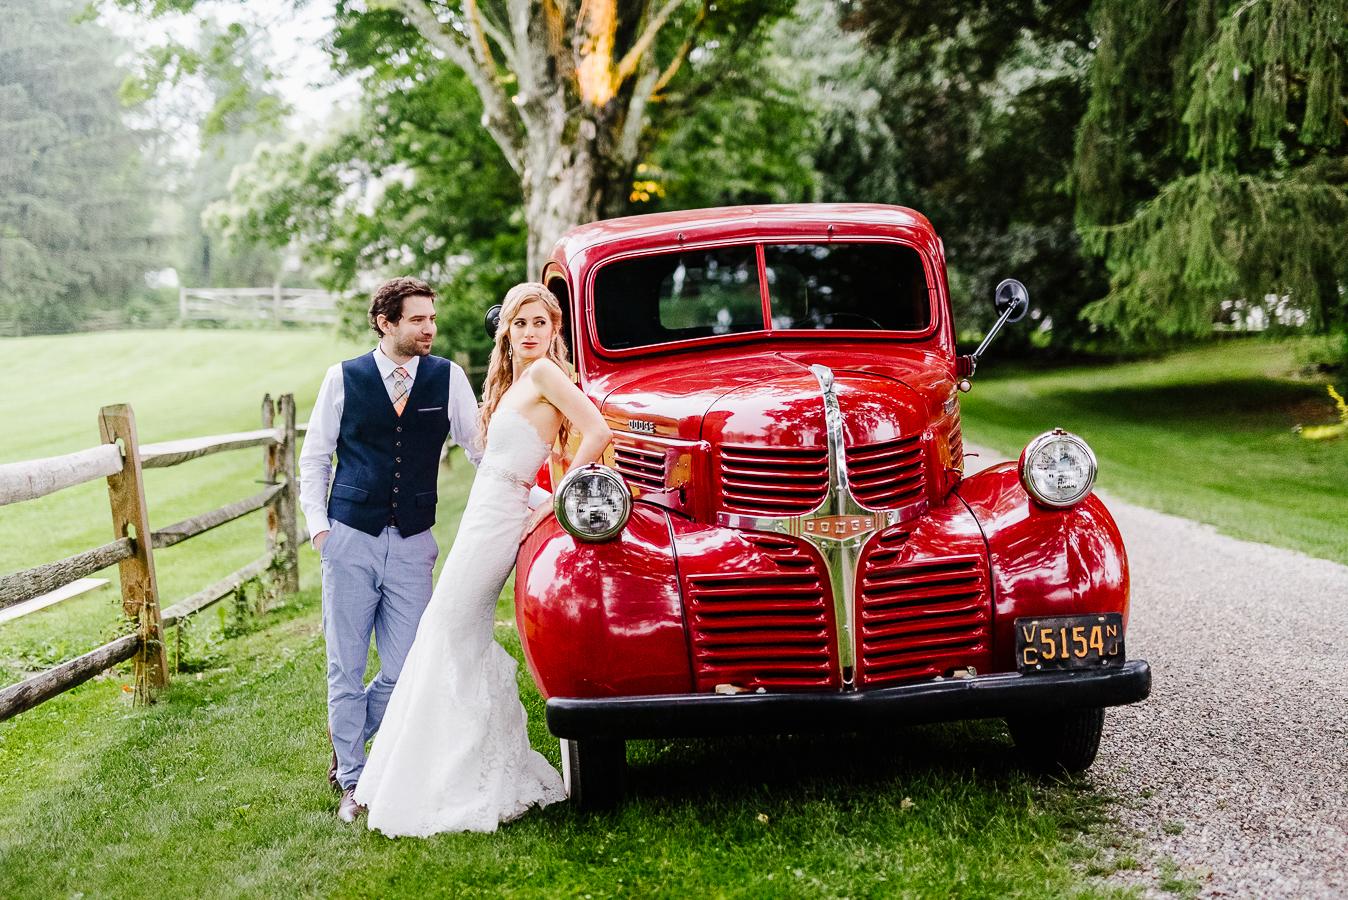 Stylish Crossed Keys Inn Wedding Crossed Keys Wedding Crossed Keys Inn Andover NJ Longbrook Photography-77.jpg